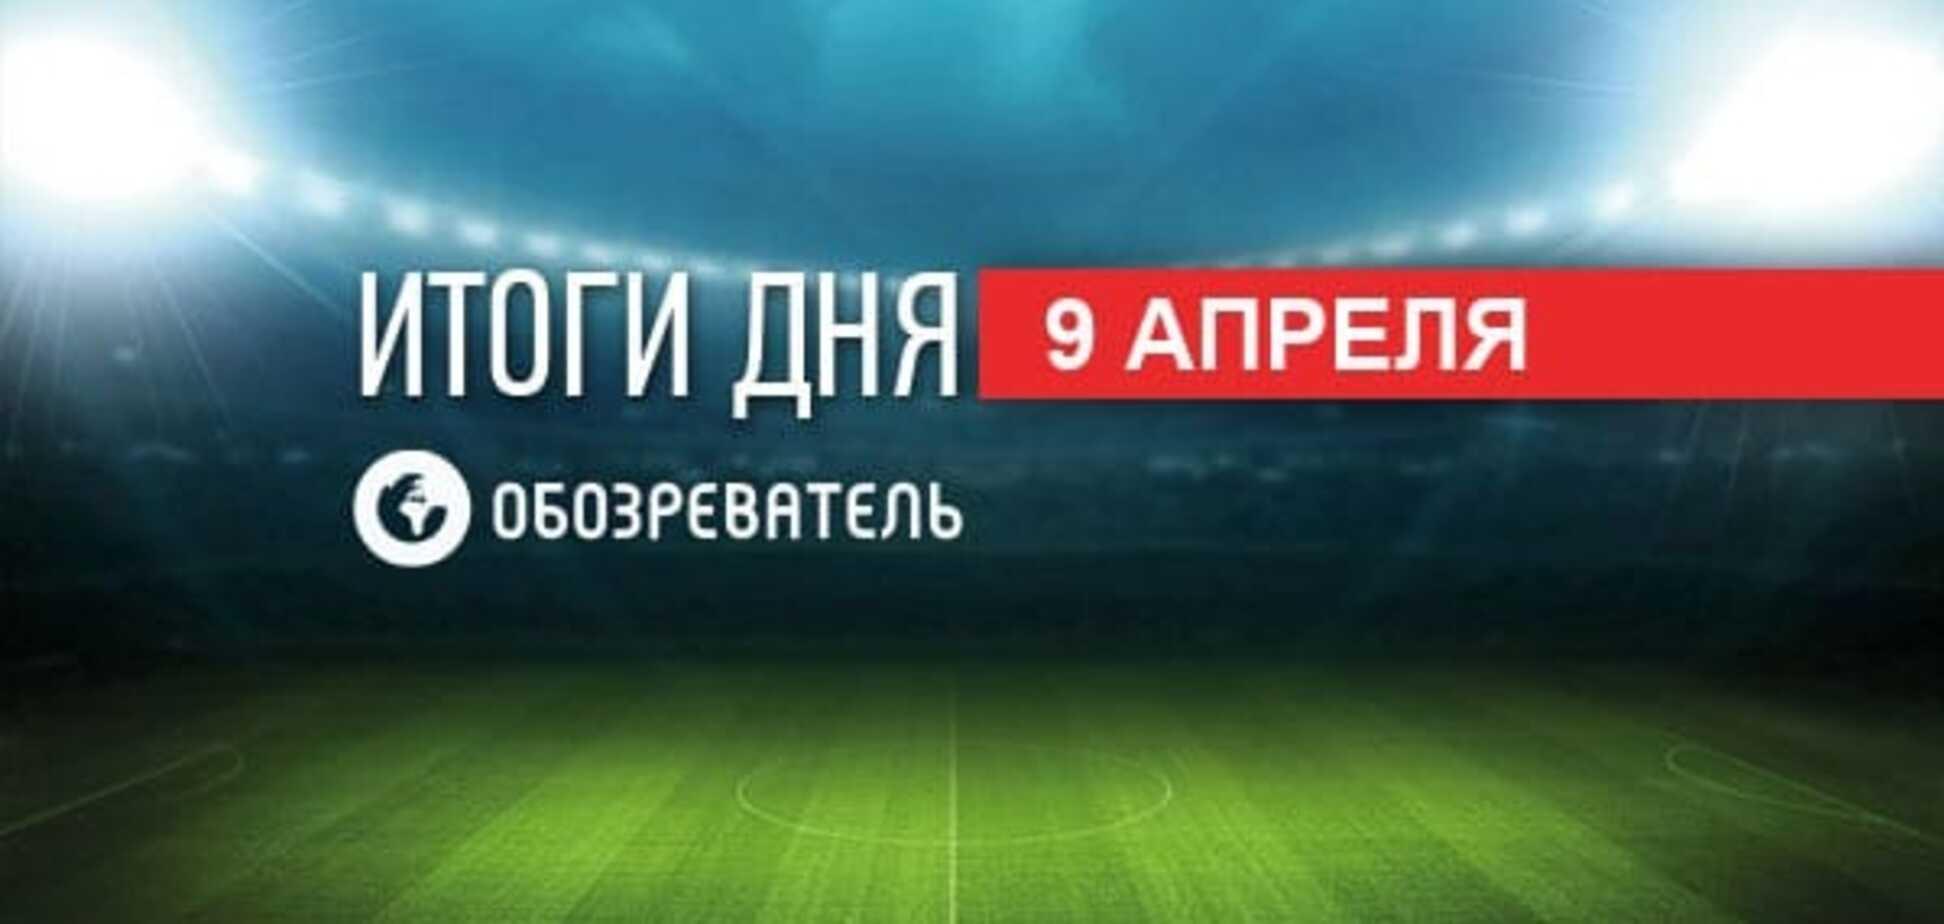 Нова дата Кличко - Ф'юрі і Бьєрндален проти Путіна. Спортивні підсумки 9 квітня